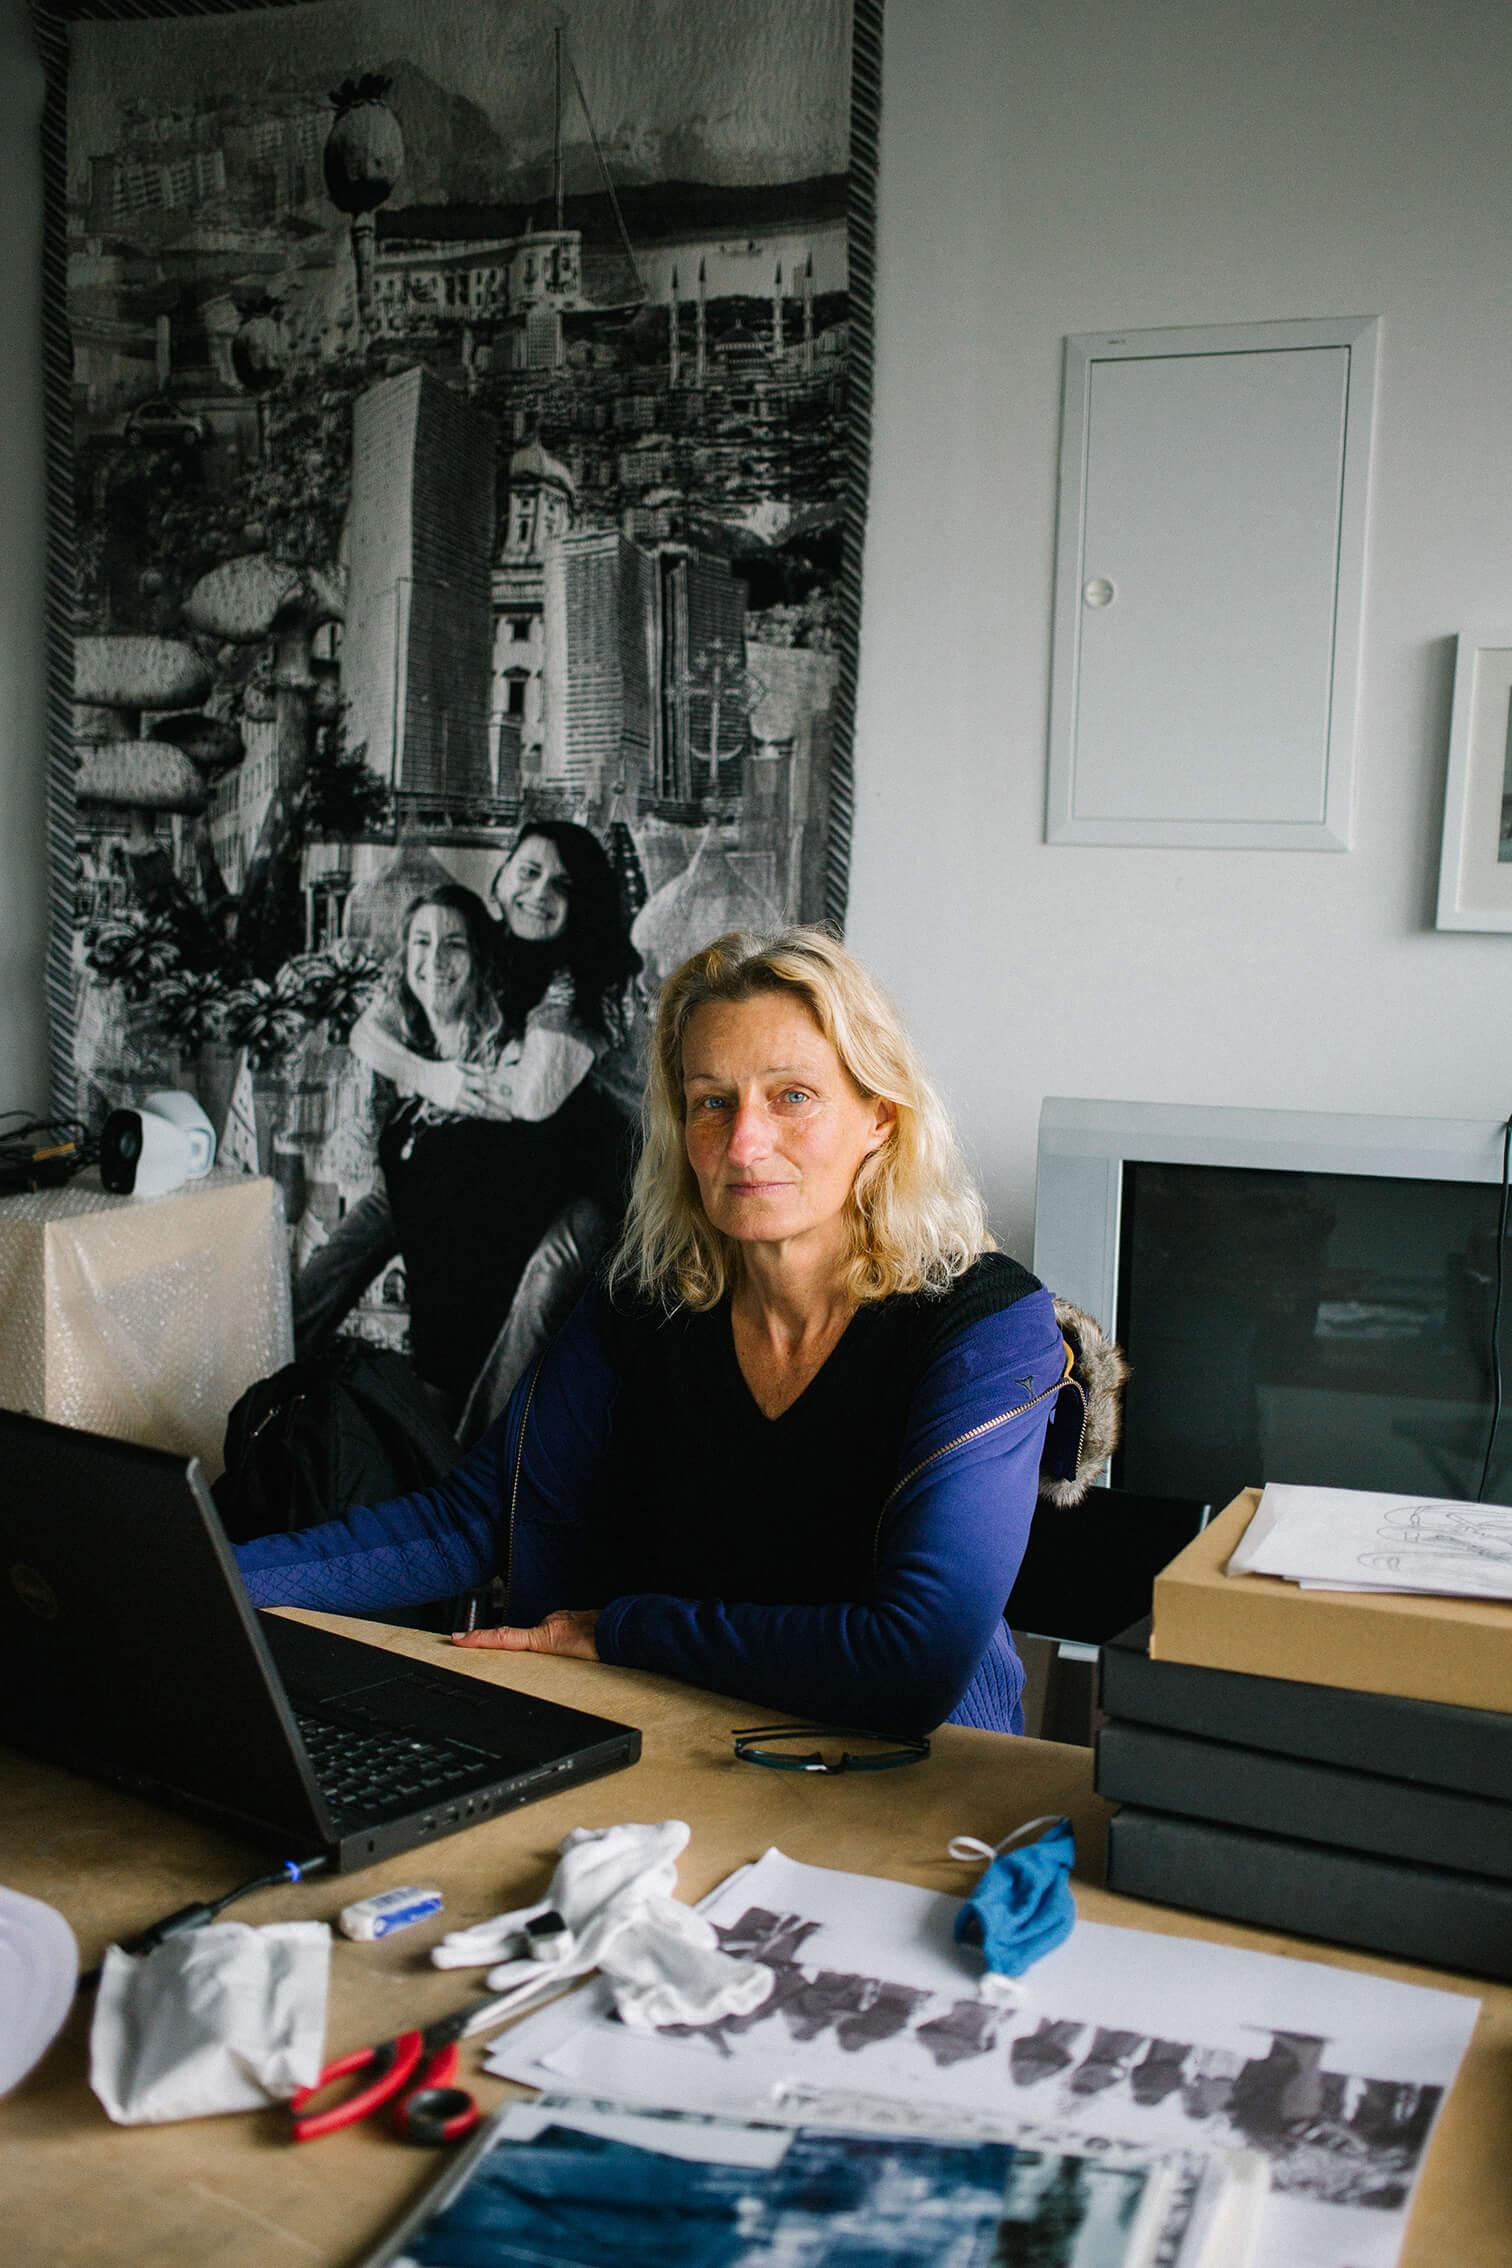 Das Bild zeigt die Künstlerin Stefanie Unruh sitzen an ihrem Schreibtisch, im Atelier. Hinter ihr hängt eine schwarz weiß arbeit von ihr. Diese zeigt eine colgae von verschiednene Bildern, zwei junge Frauen die sichHuckepack nehmen, Pilze und Industrielandschaften.